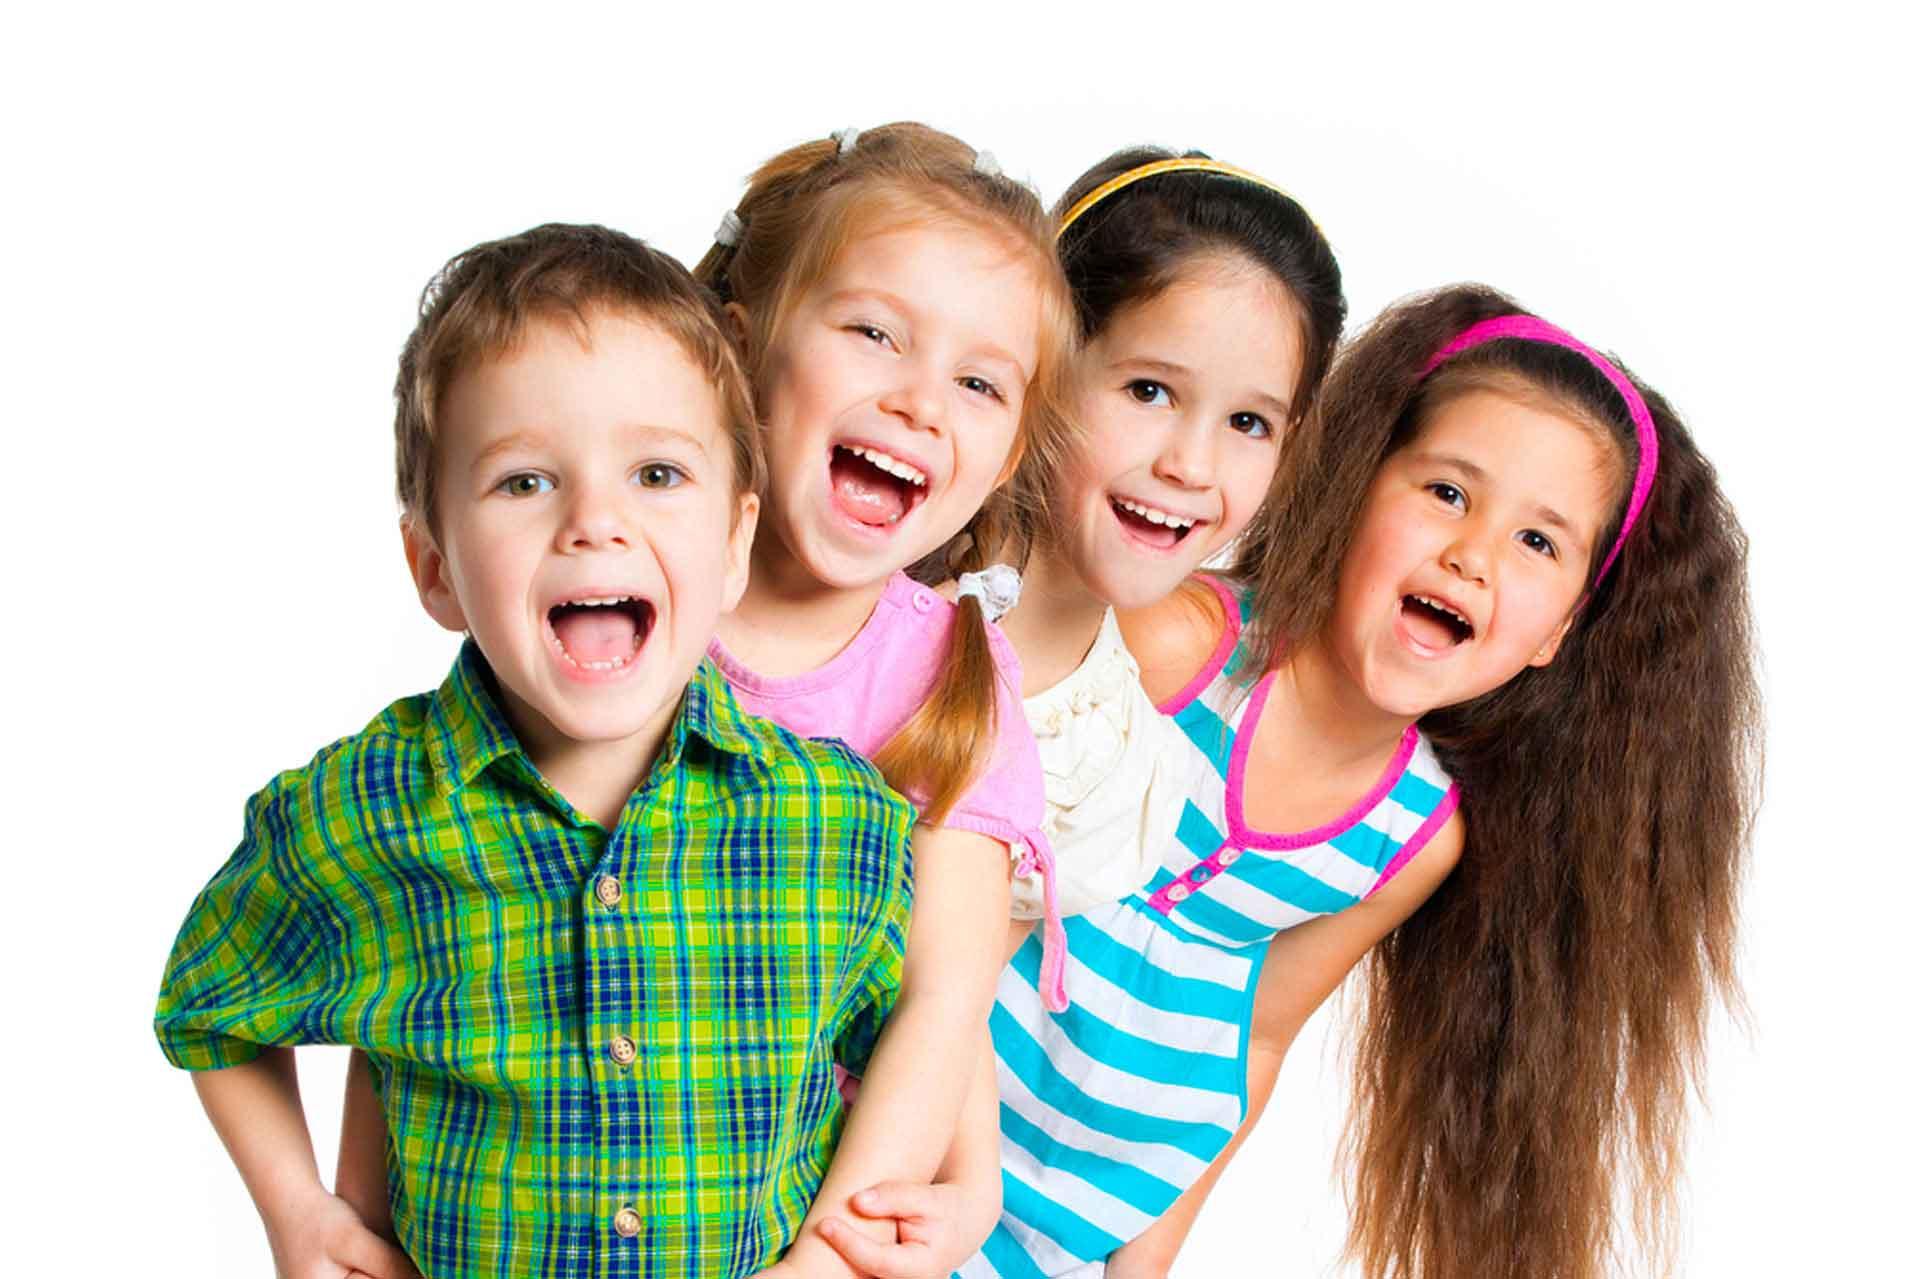 افزایش رفتار خوب در کودکان ؛ راهکارهایی موثر و کارآمد